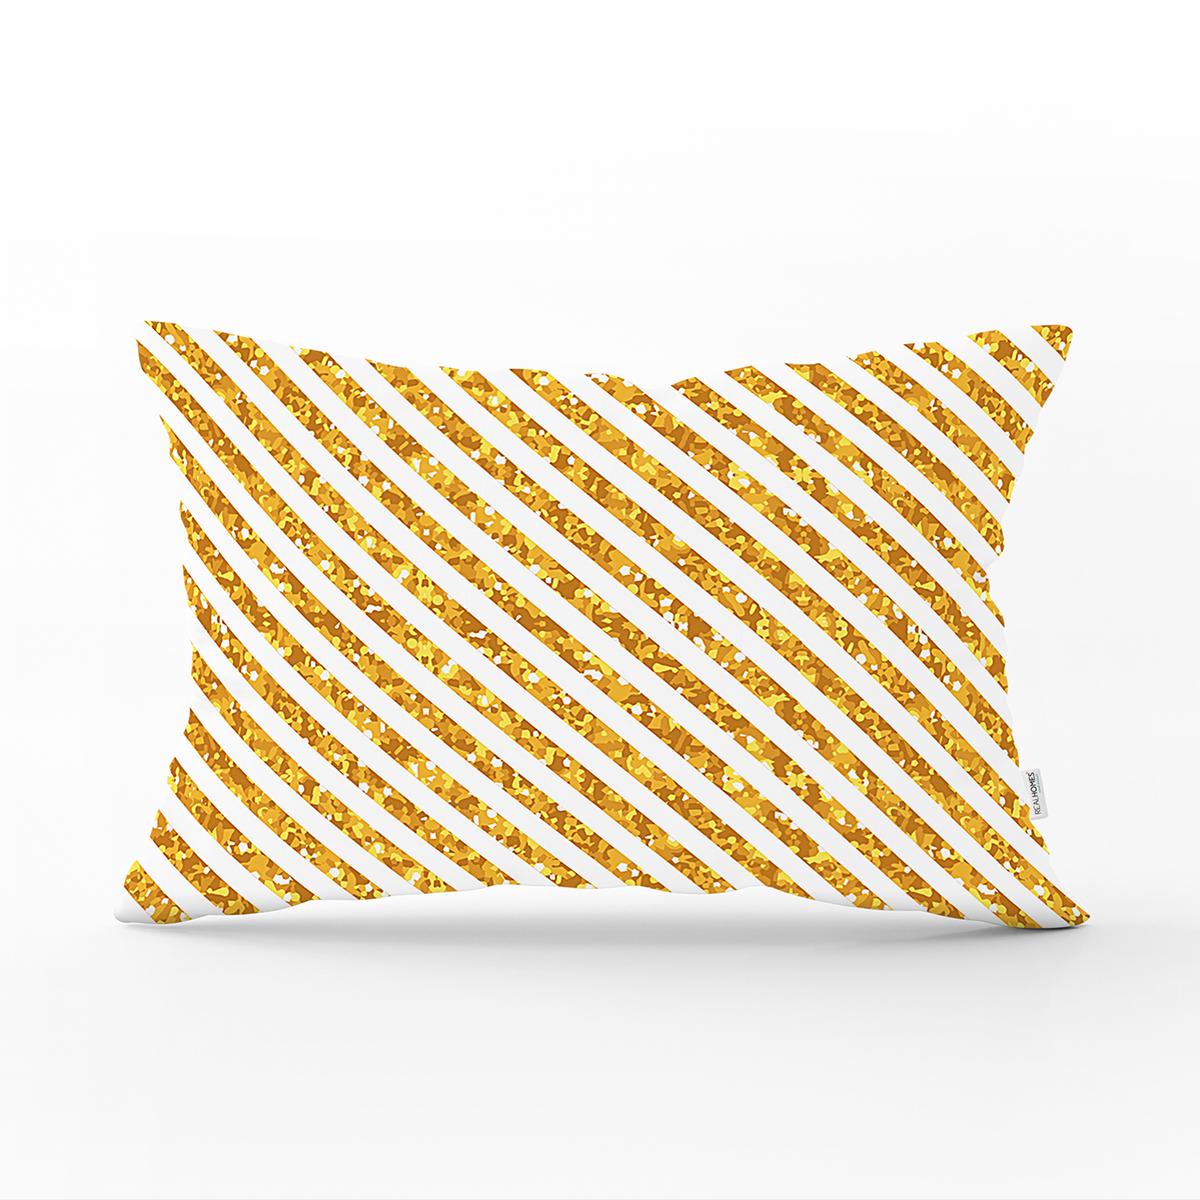 Beyaz Zemin Üzerinde Gold Renkli Yatay Çizgili Modern Dikdörtgen Yastık Kırlent Kılıfı Realhomes